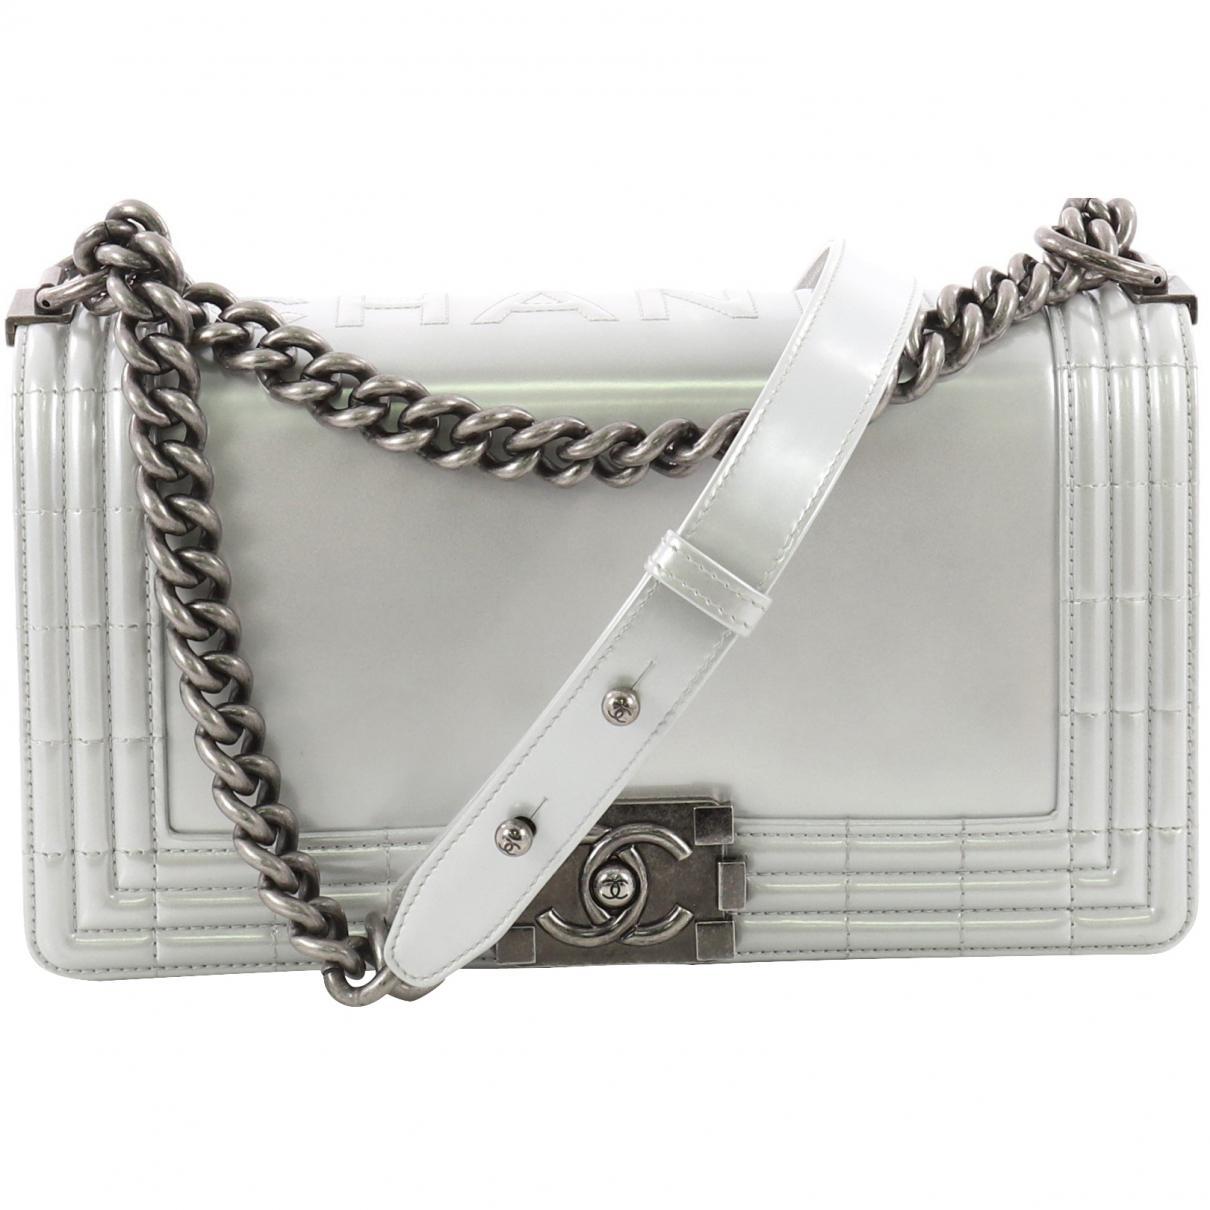 44064d0df966 Chanel Boy Leather Handbag in Metallic - Lyst